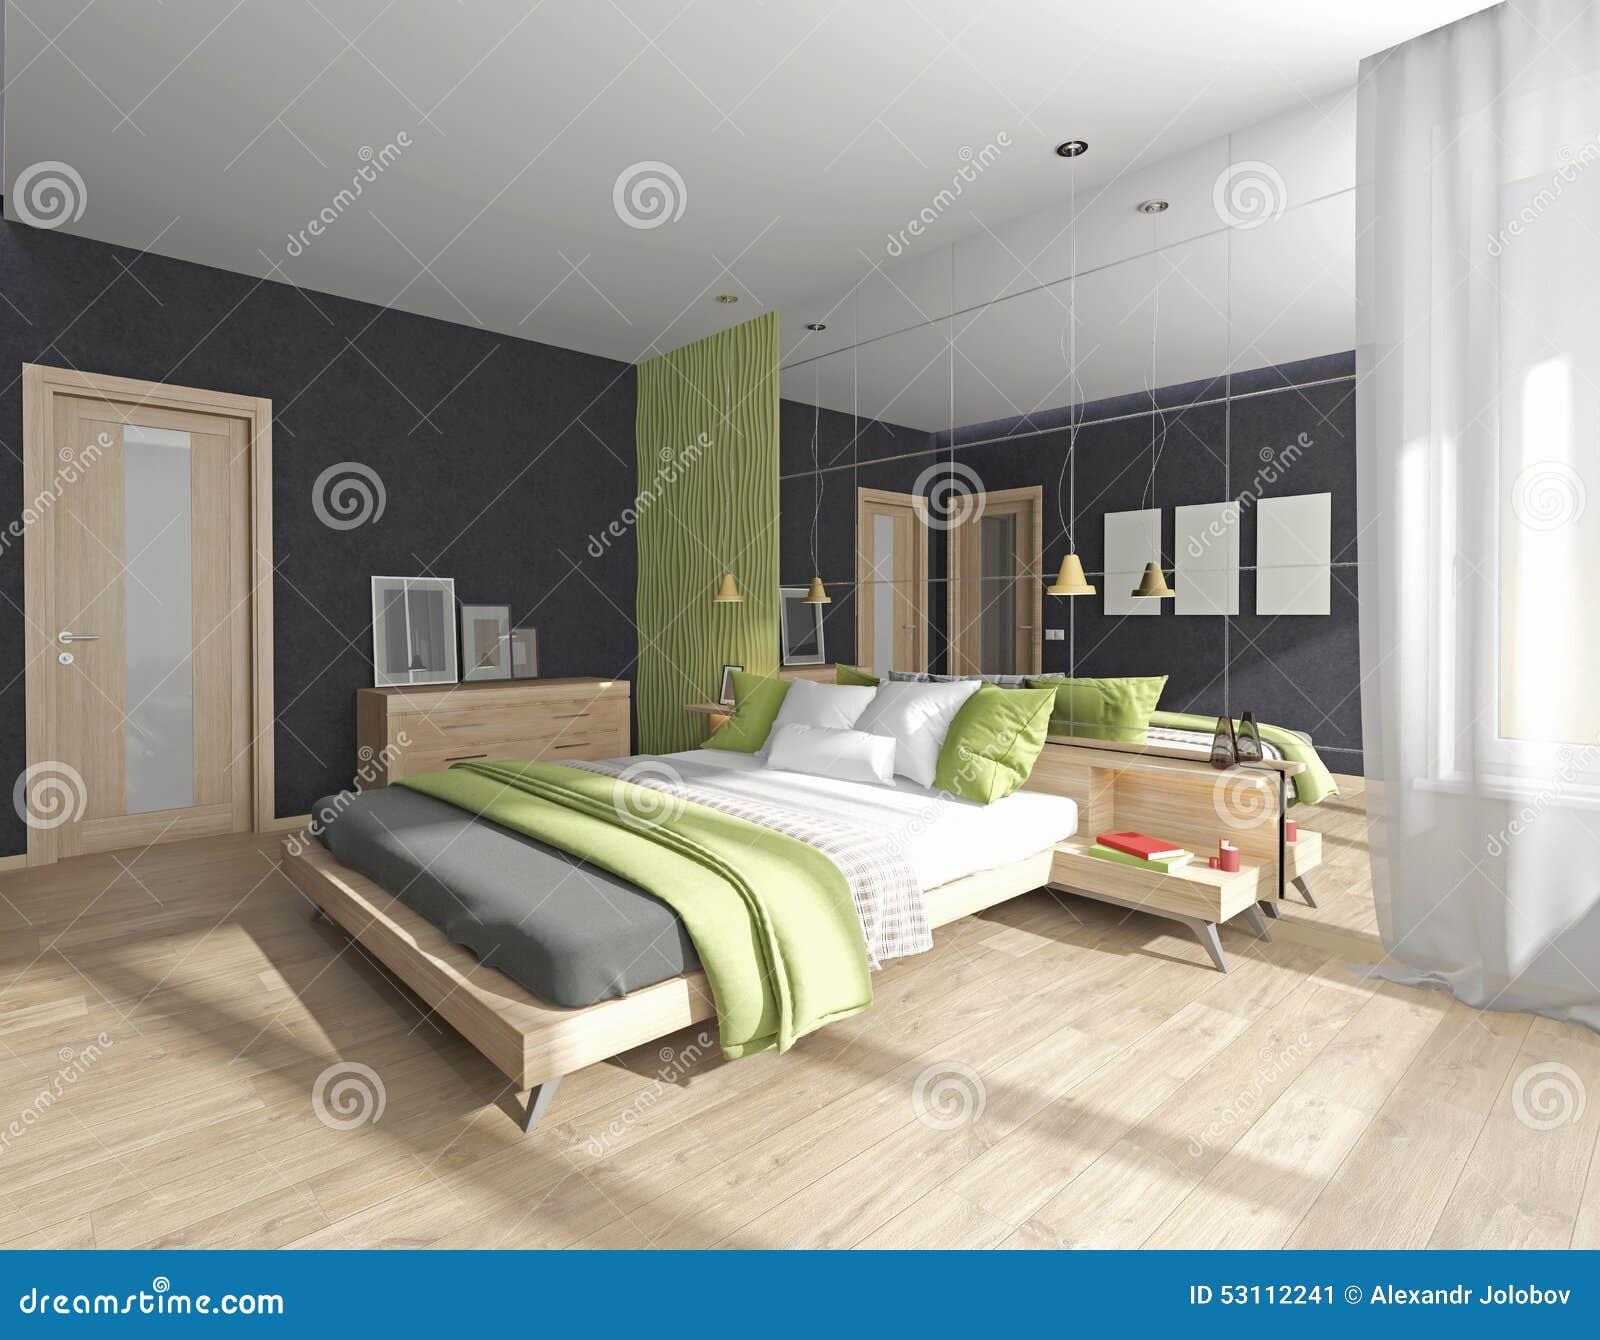 https://thumbs.dreamstime.com/z/interno-della-camera-da-letto-con-lo-specchio-53112241.jpg